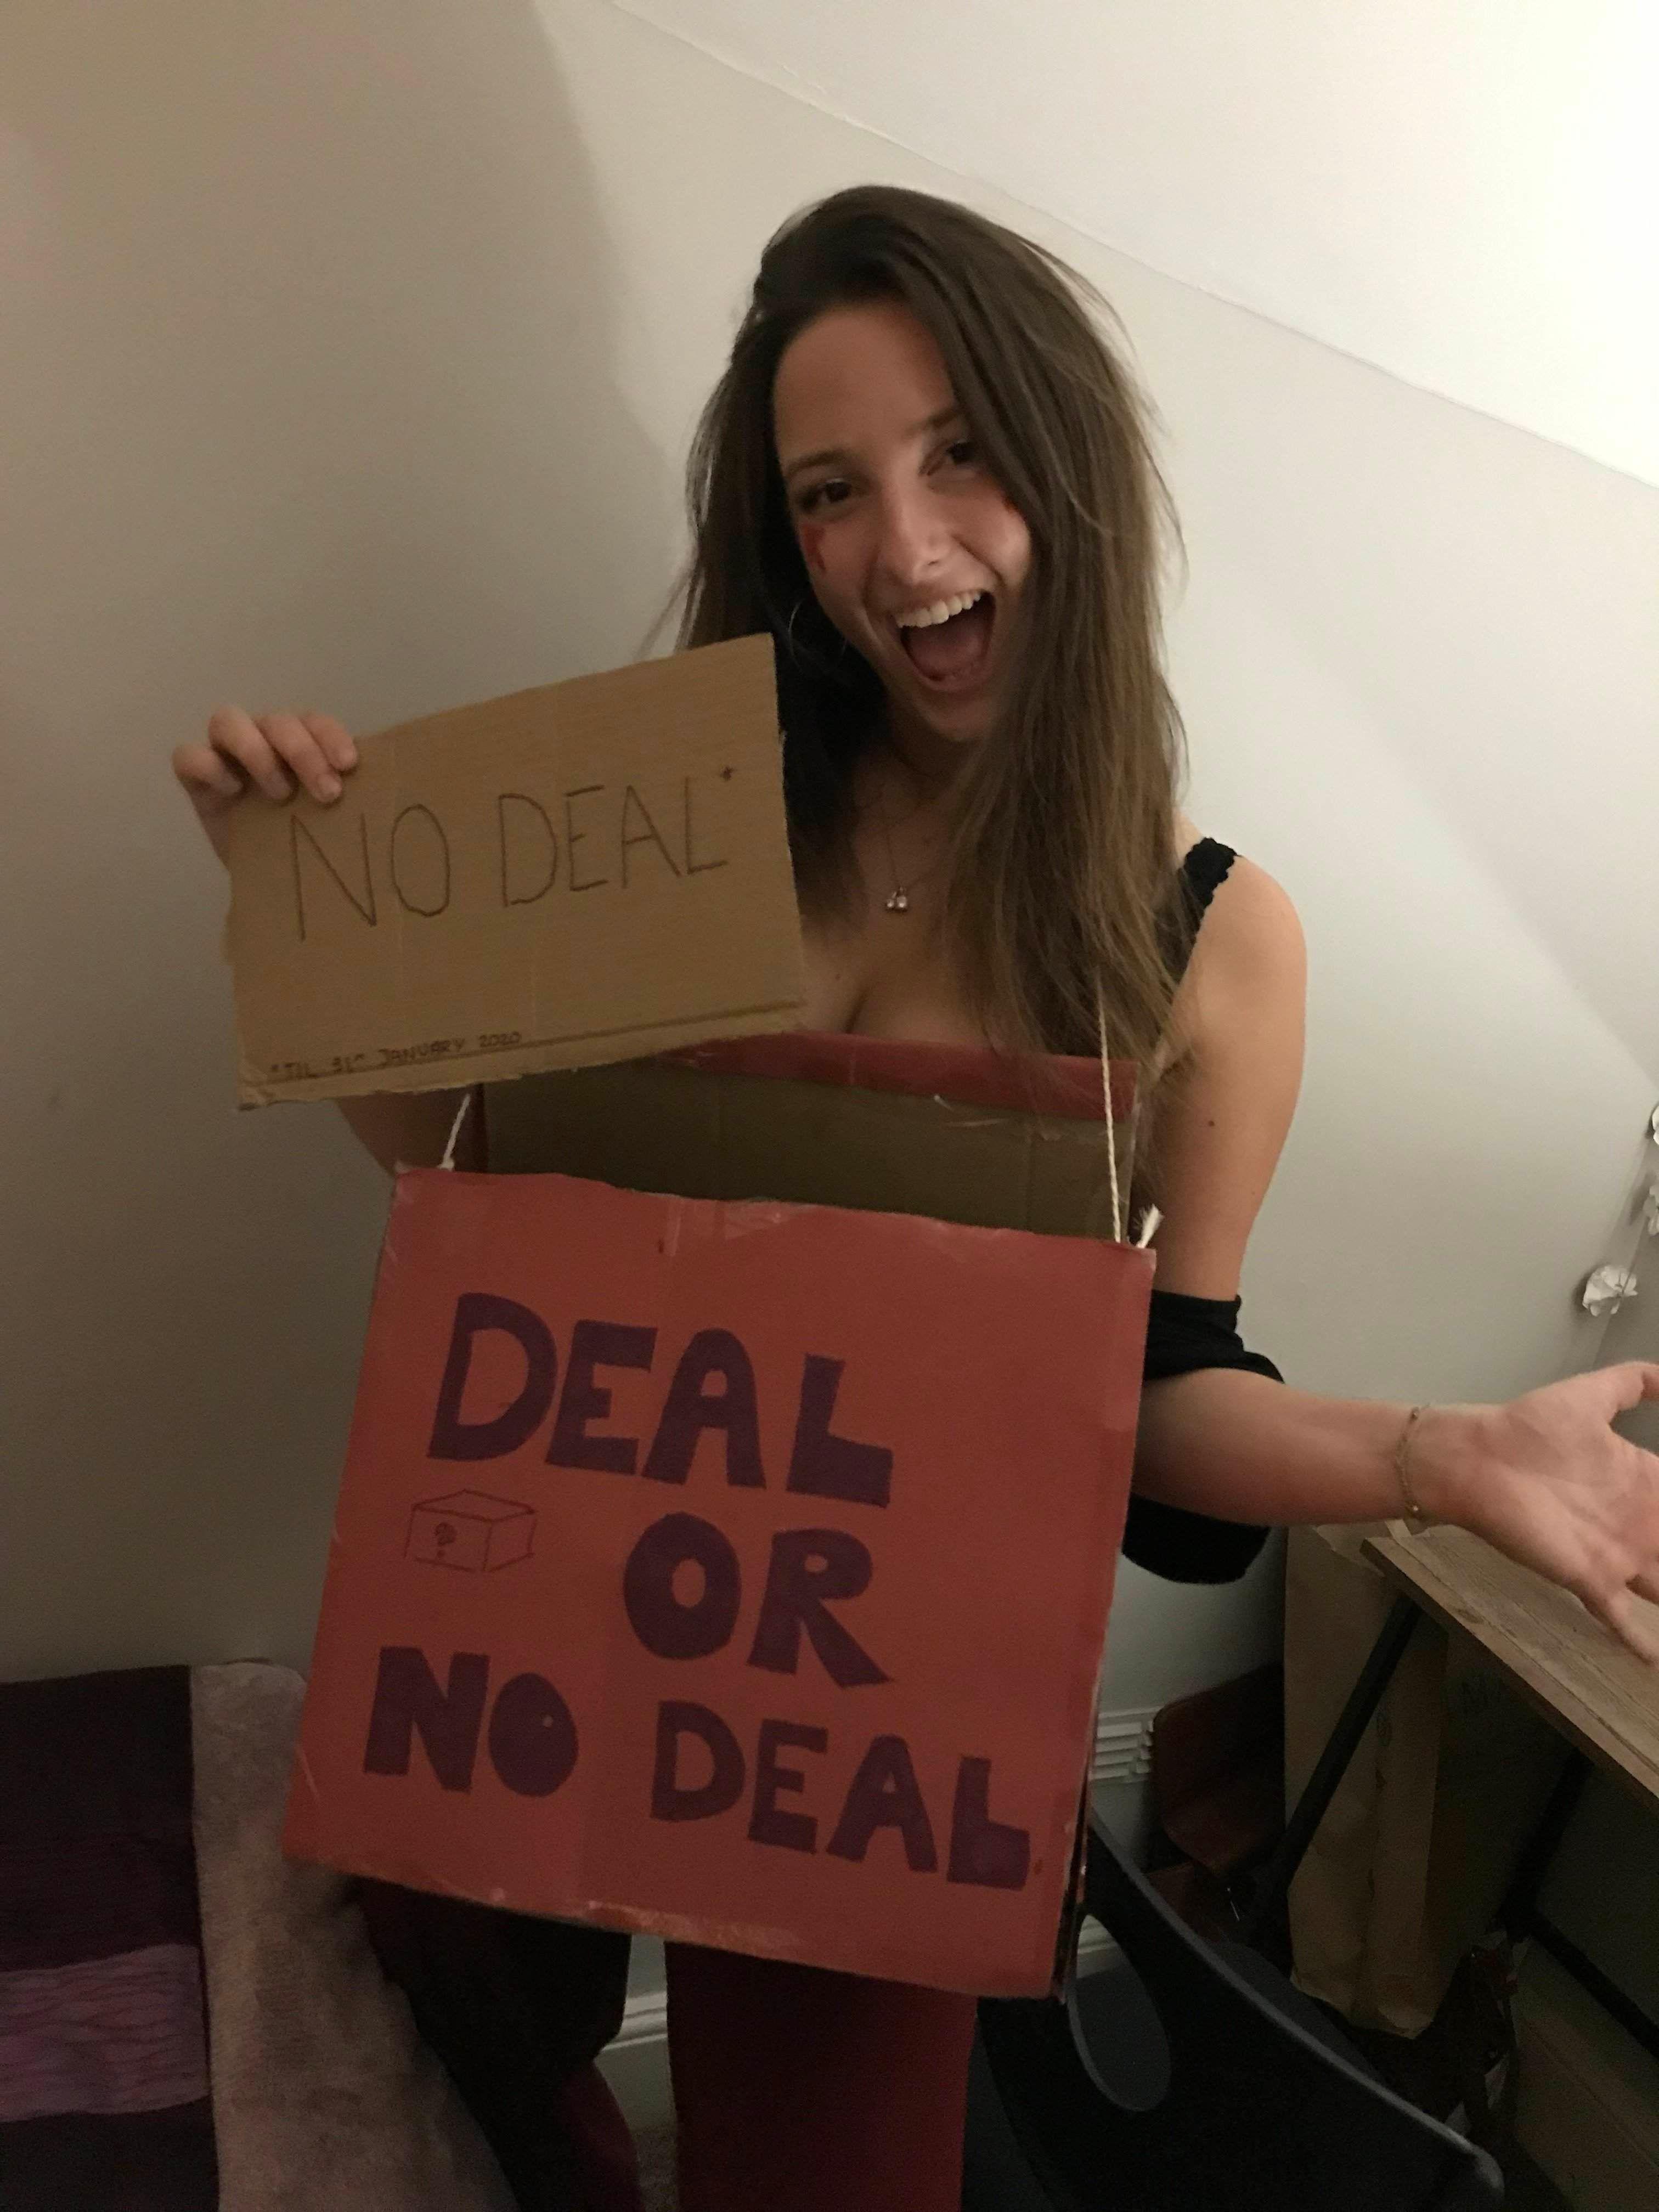 Image may contain: Carton, Cardboard, Box, Plywood, Person, Human, Wood